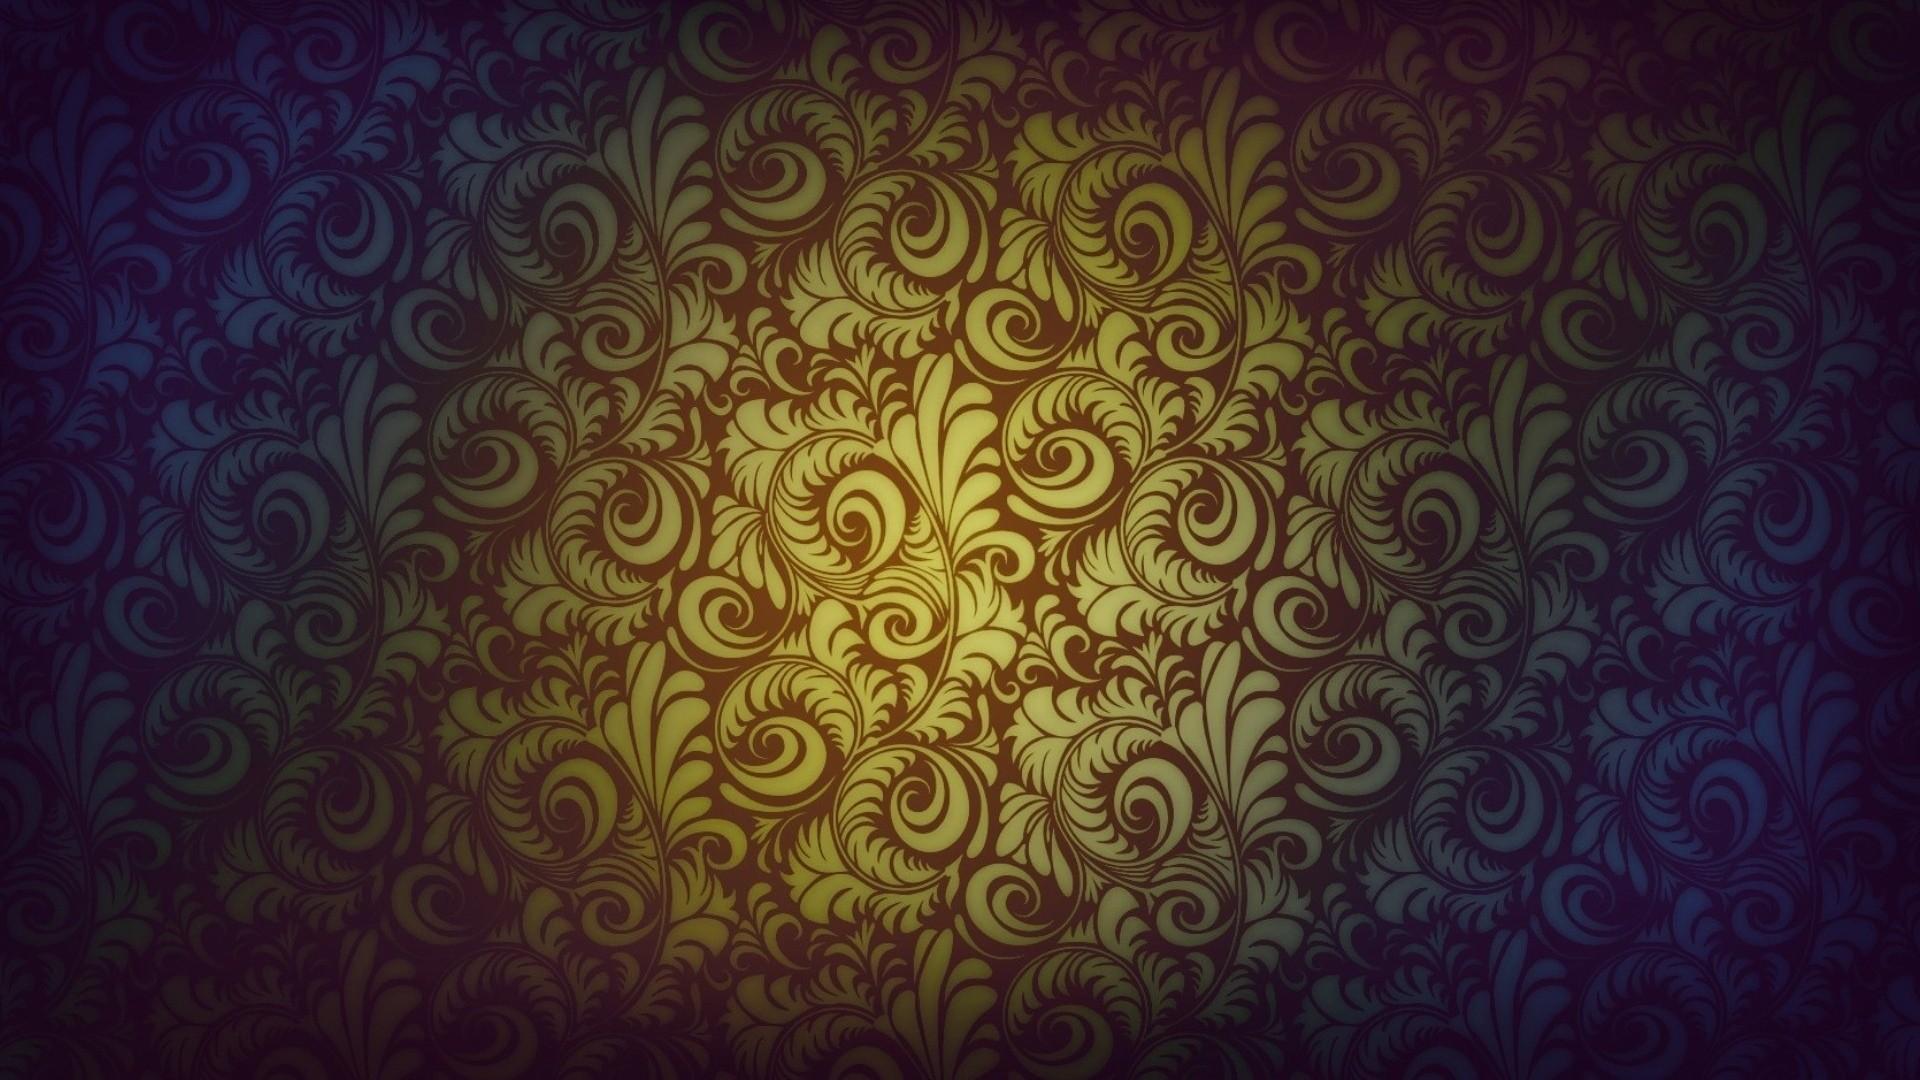 Fancy wallpaper photo hd